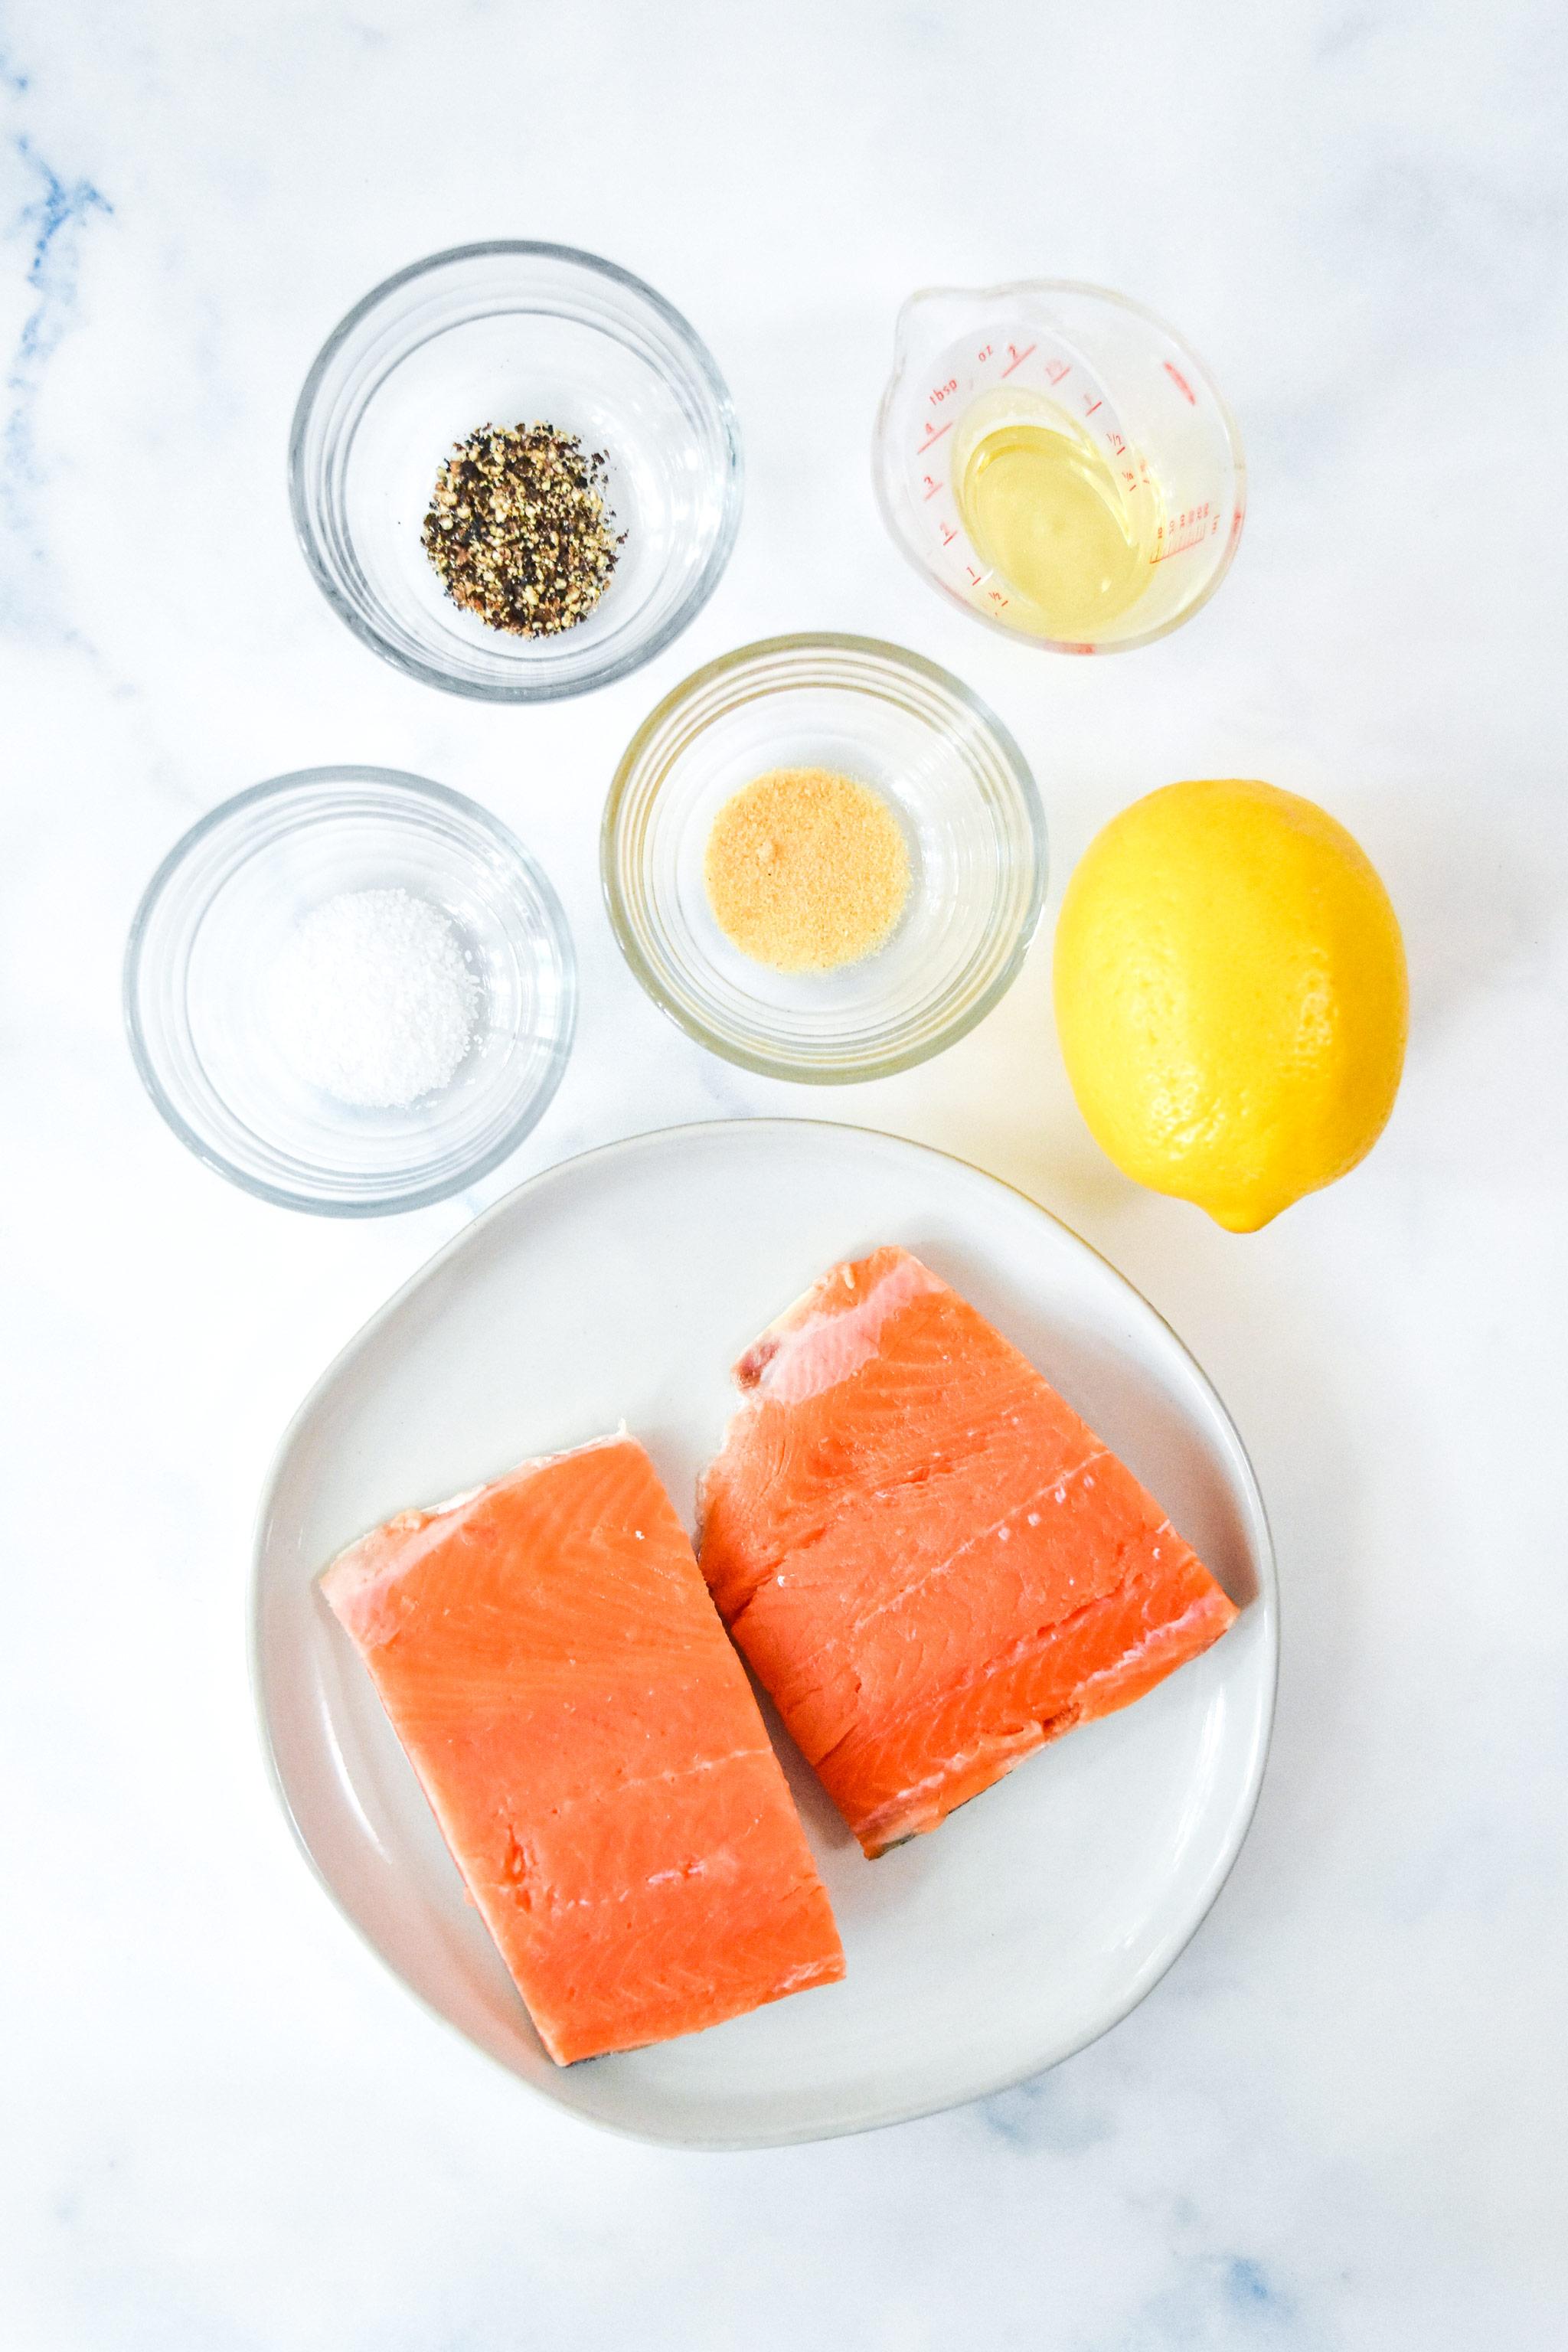 ingredients used in the air fryer lemon pepper salmon recipe.